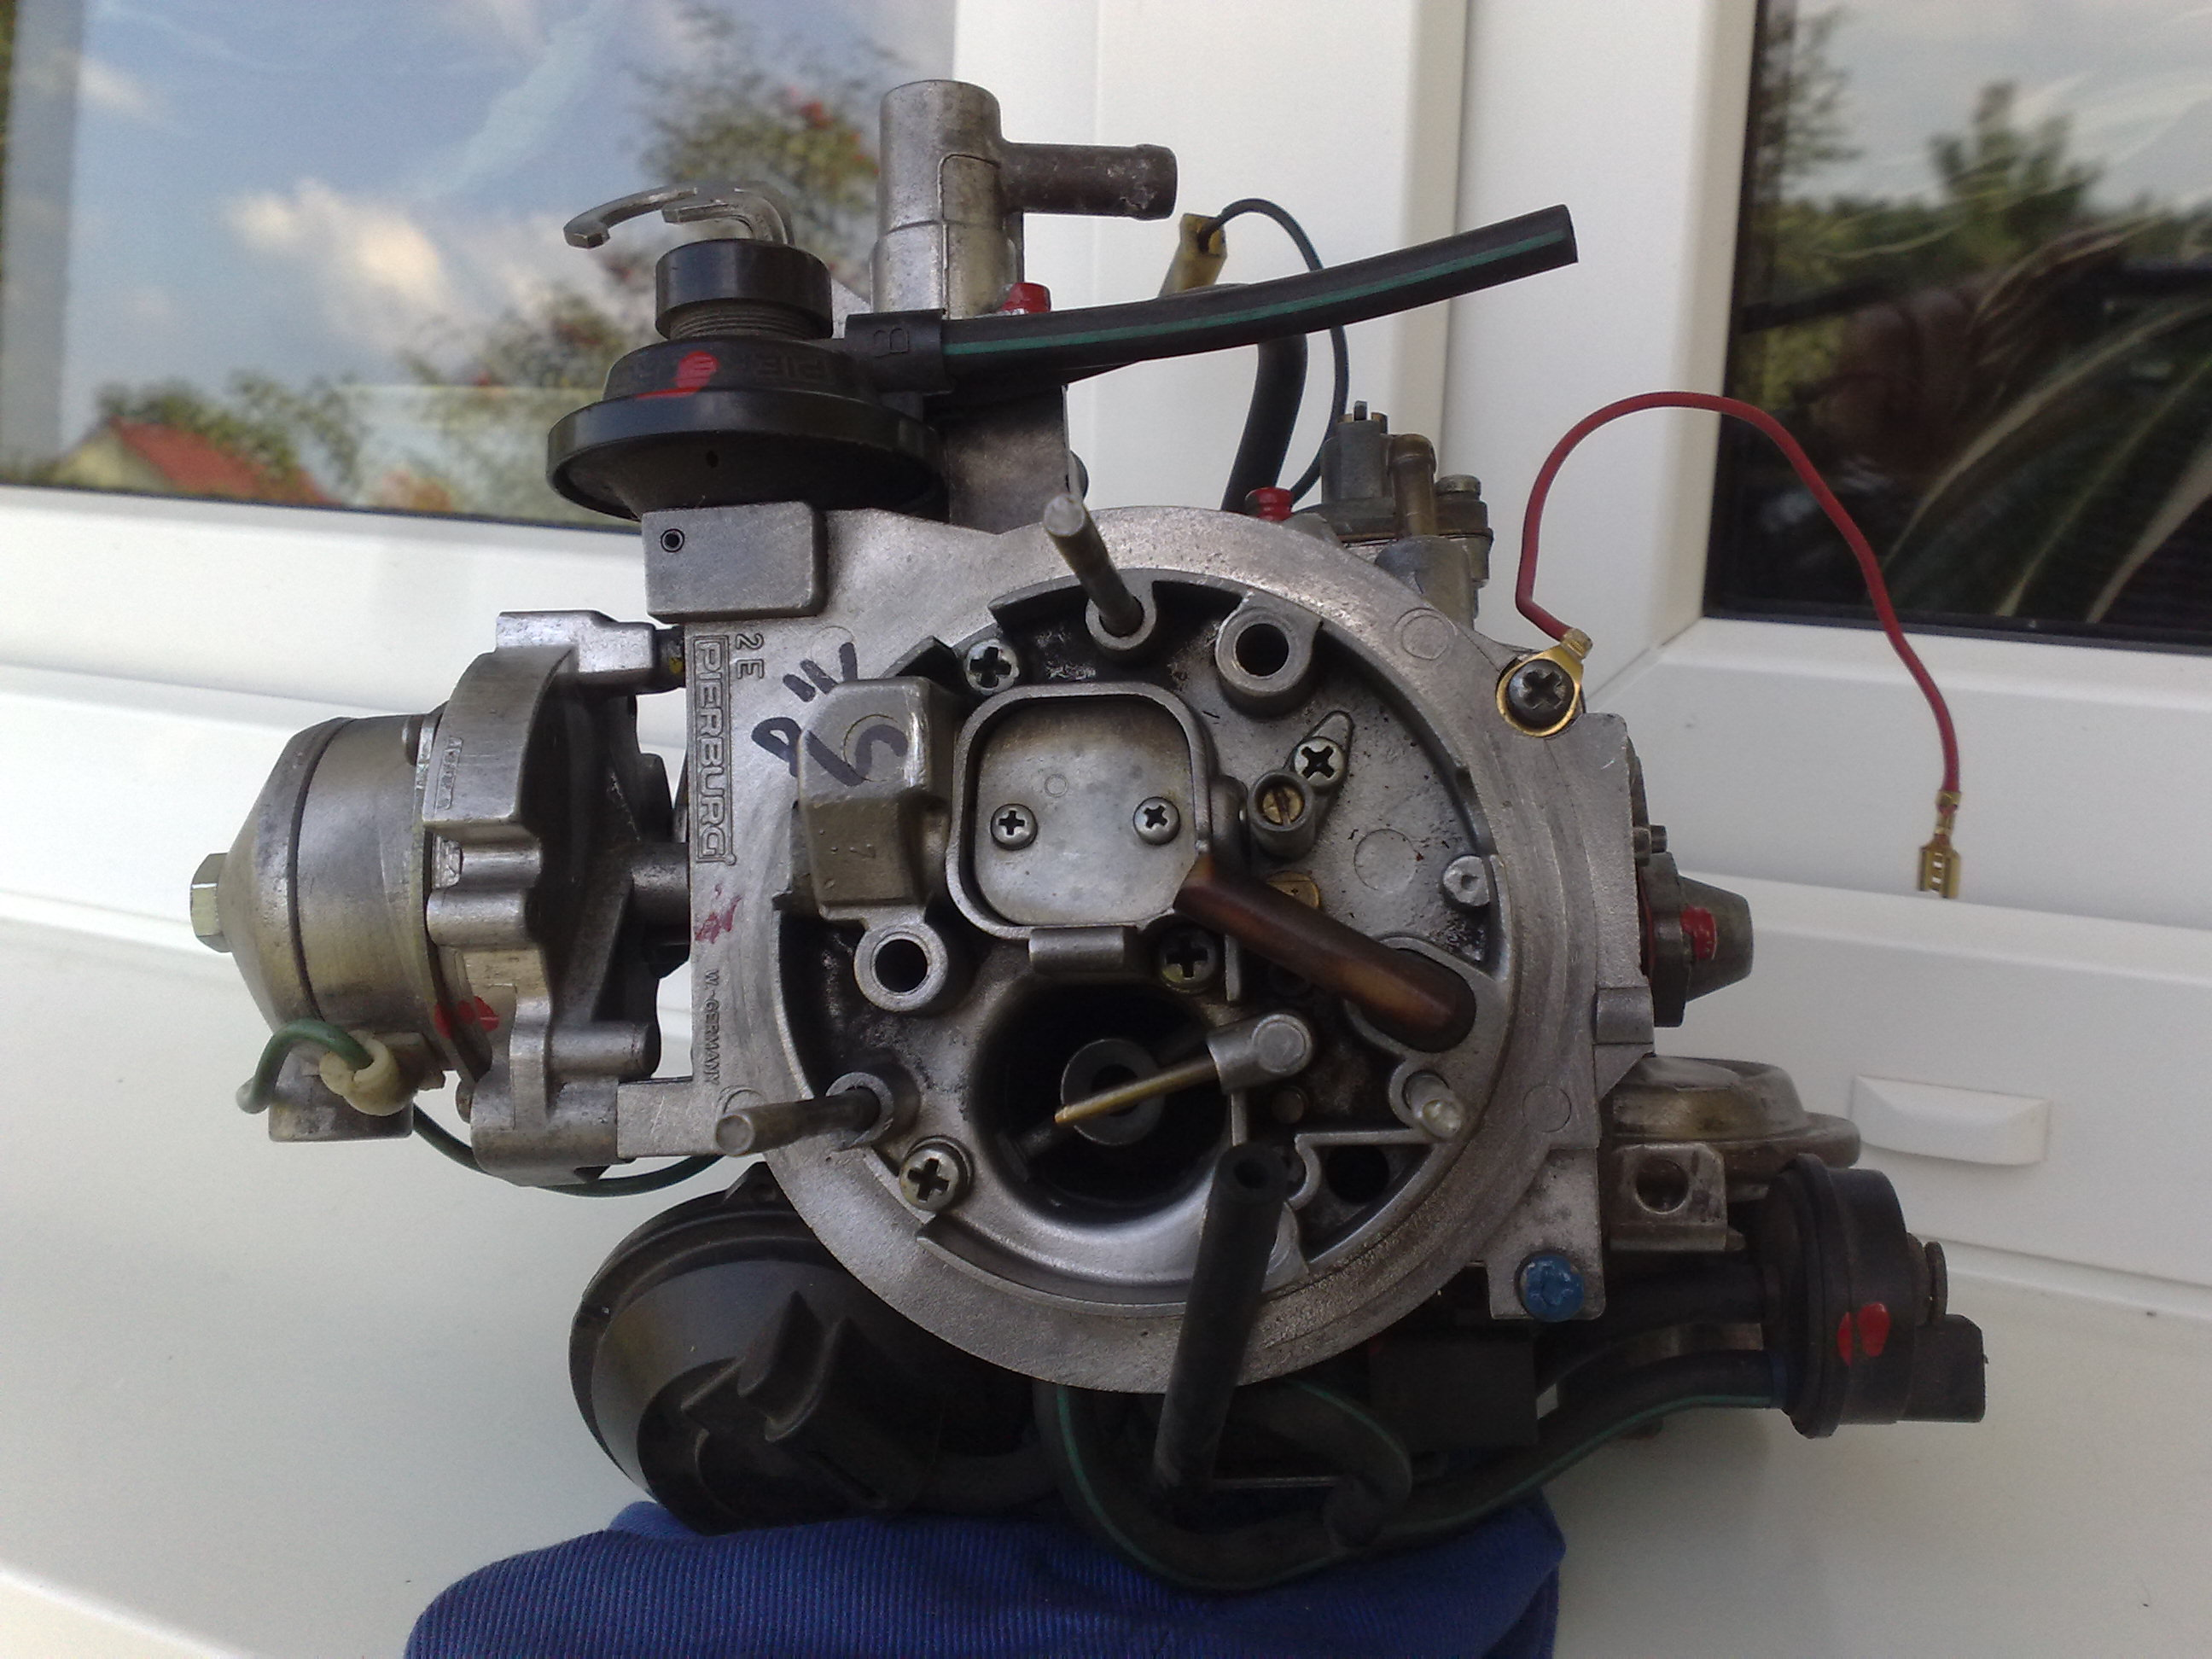 VW JETTA II ga�nik Pirburg 2E2 nier�wna praca silnika na ssaniu.